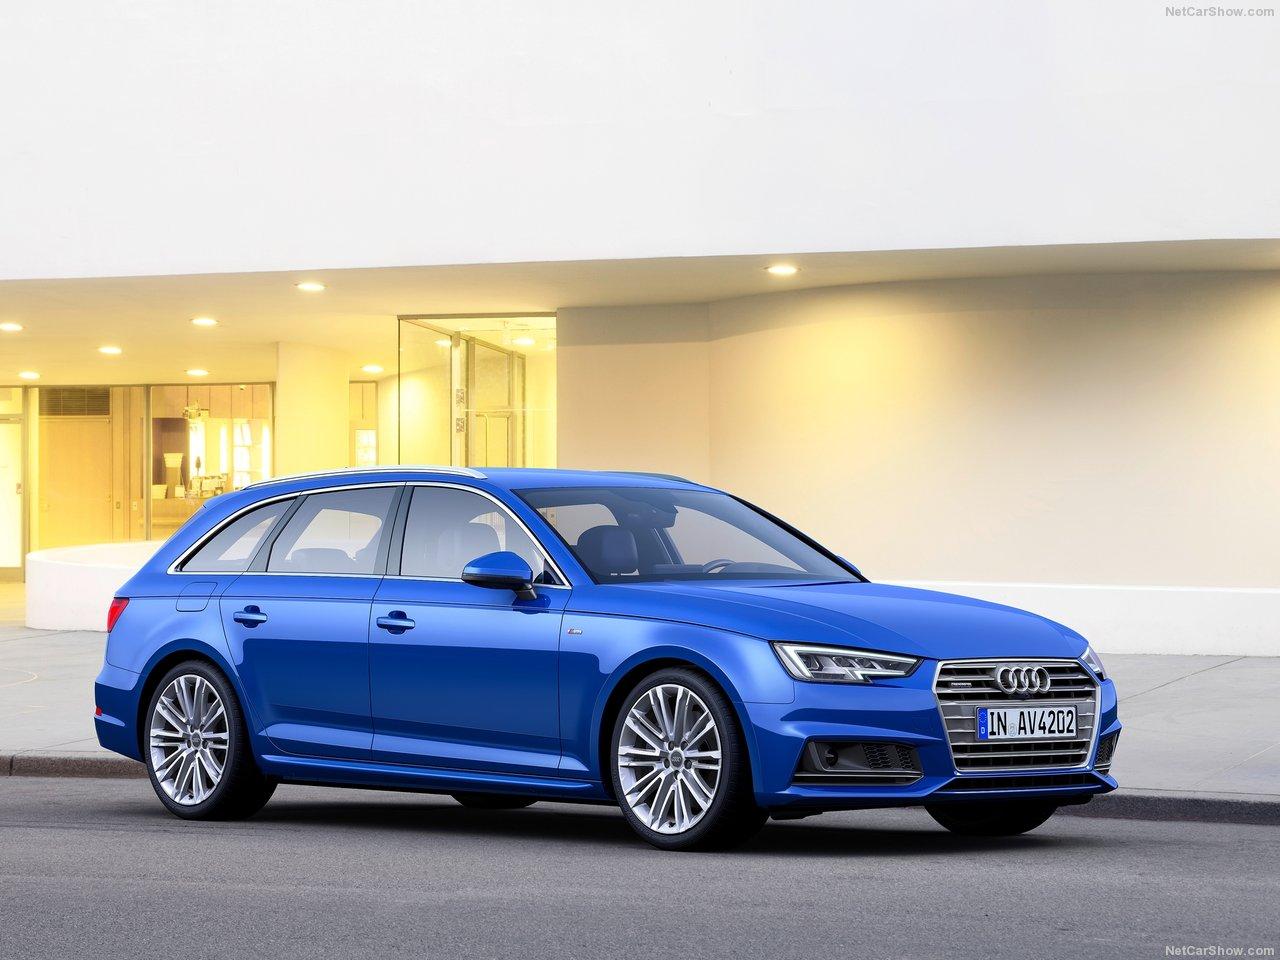 Audi-A4_Avant_2016_1280x960_wallpaper_02